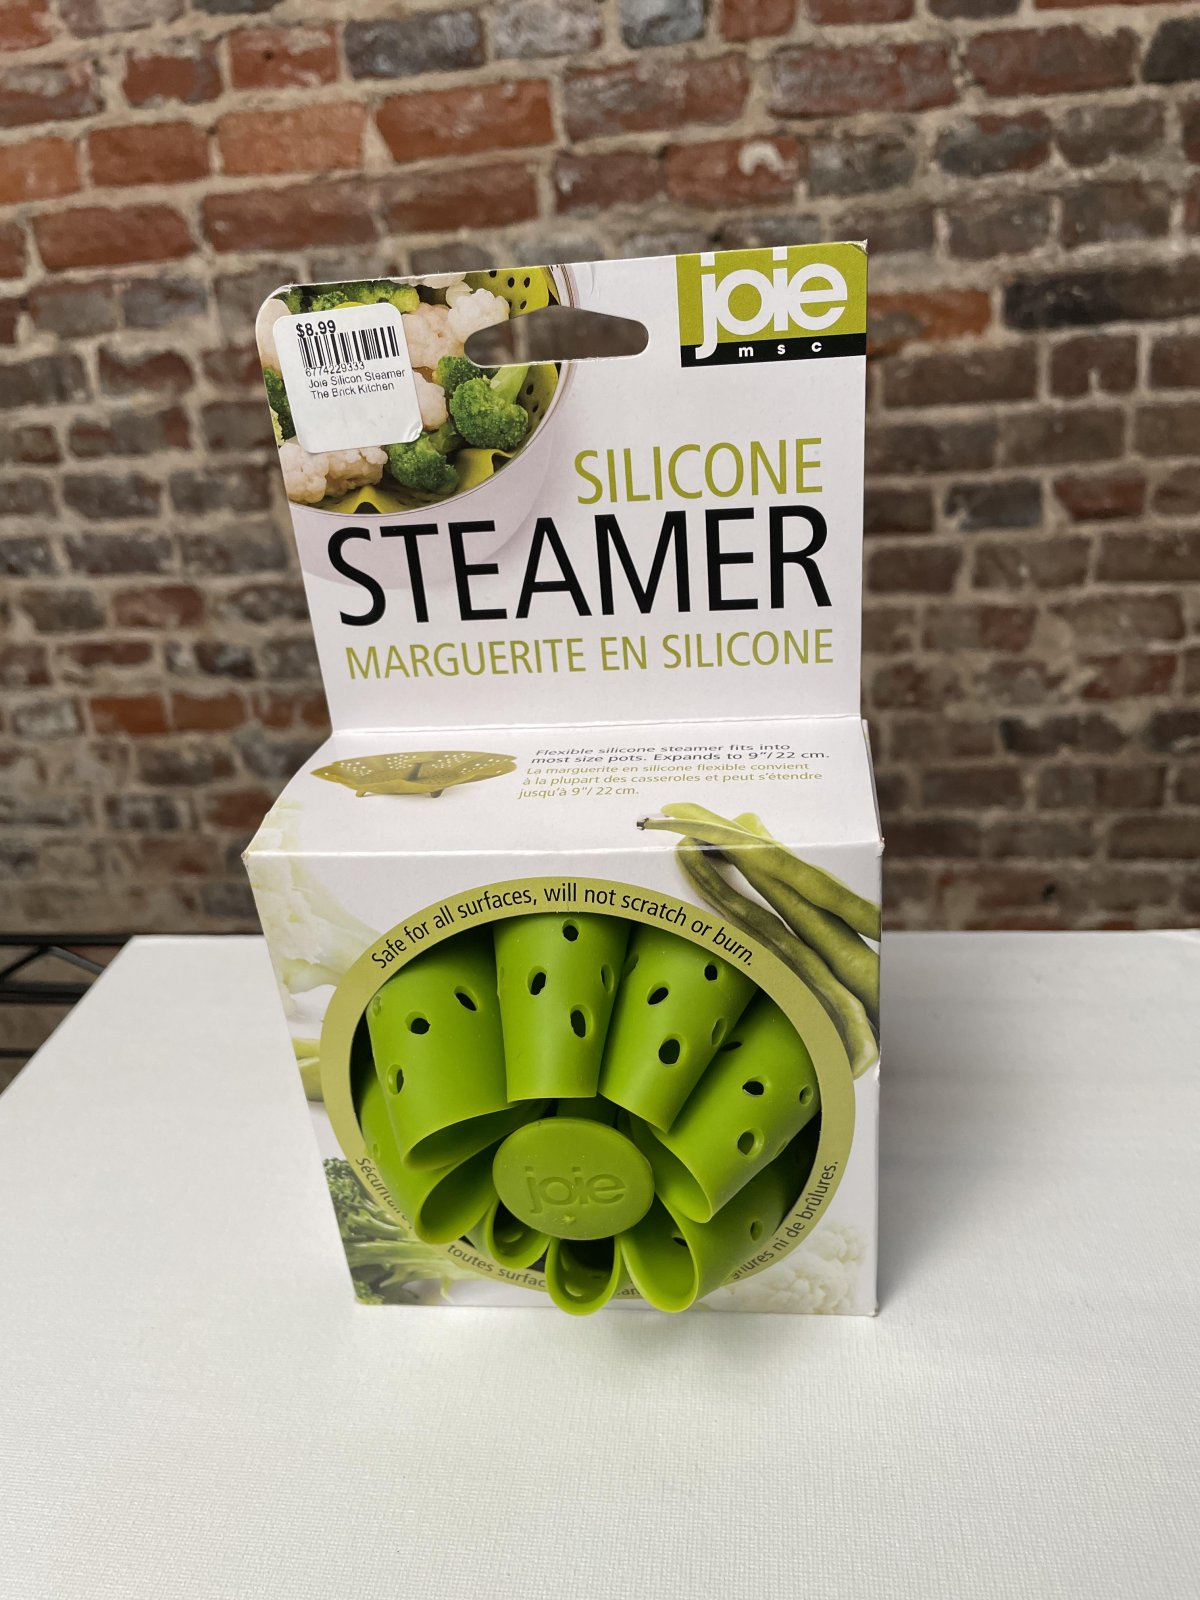 Joie Silicon Steamer